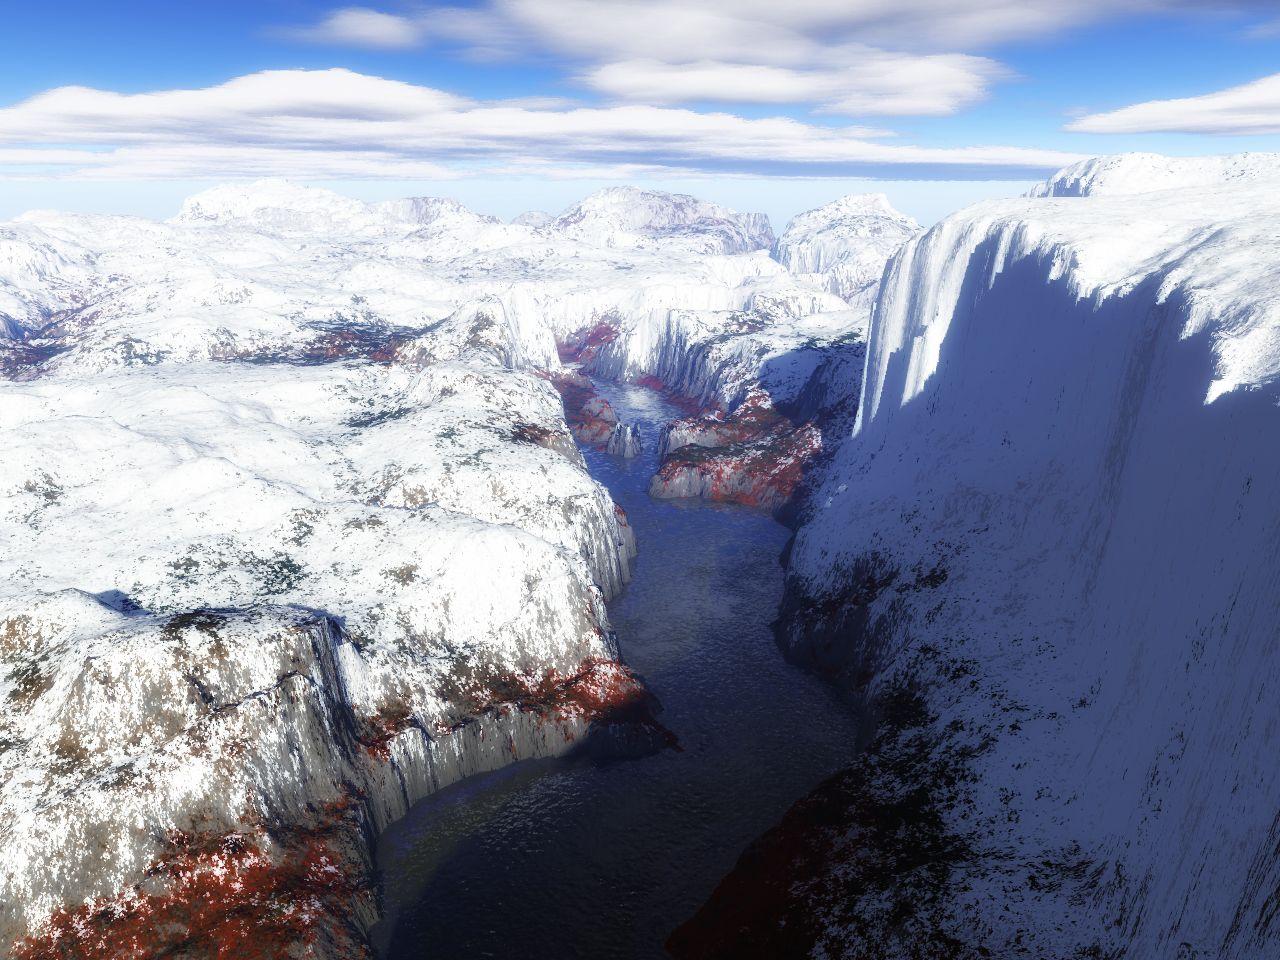 Цифровые фантазии на тему горной местности